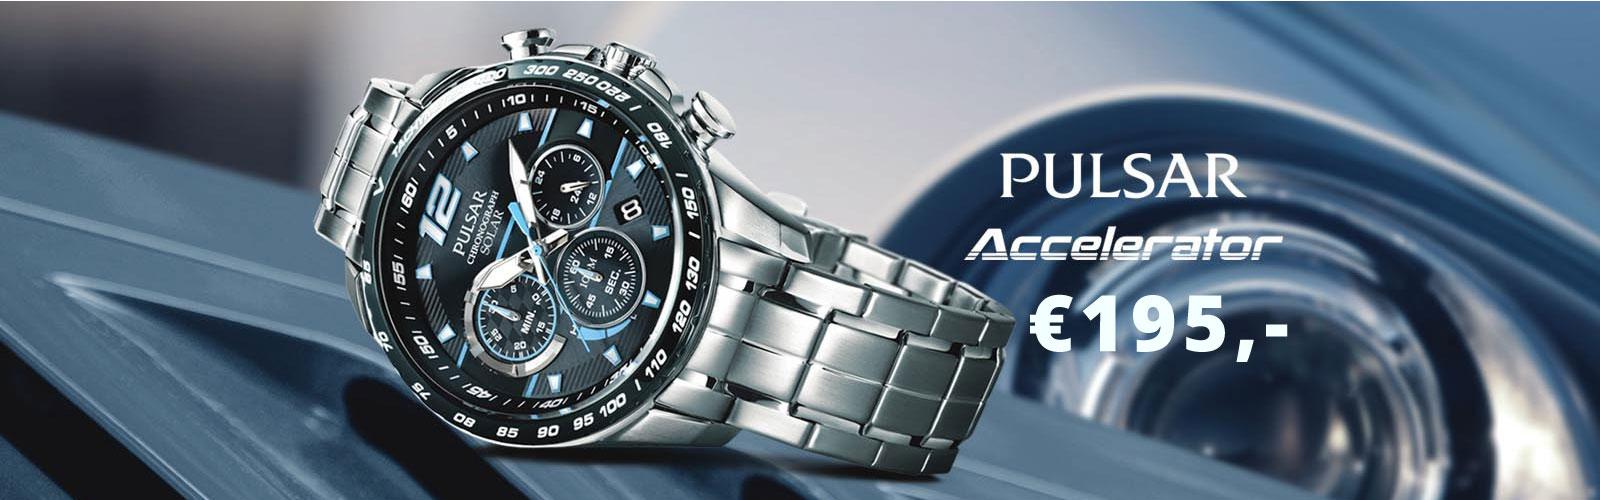 Pulsar-horloge-kopen-bij-Wolters-Juweliers-Coevorden-Emmen